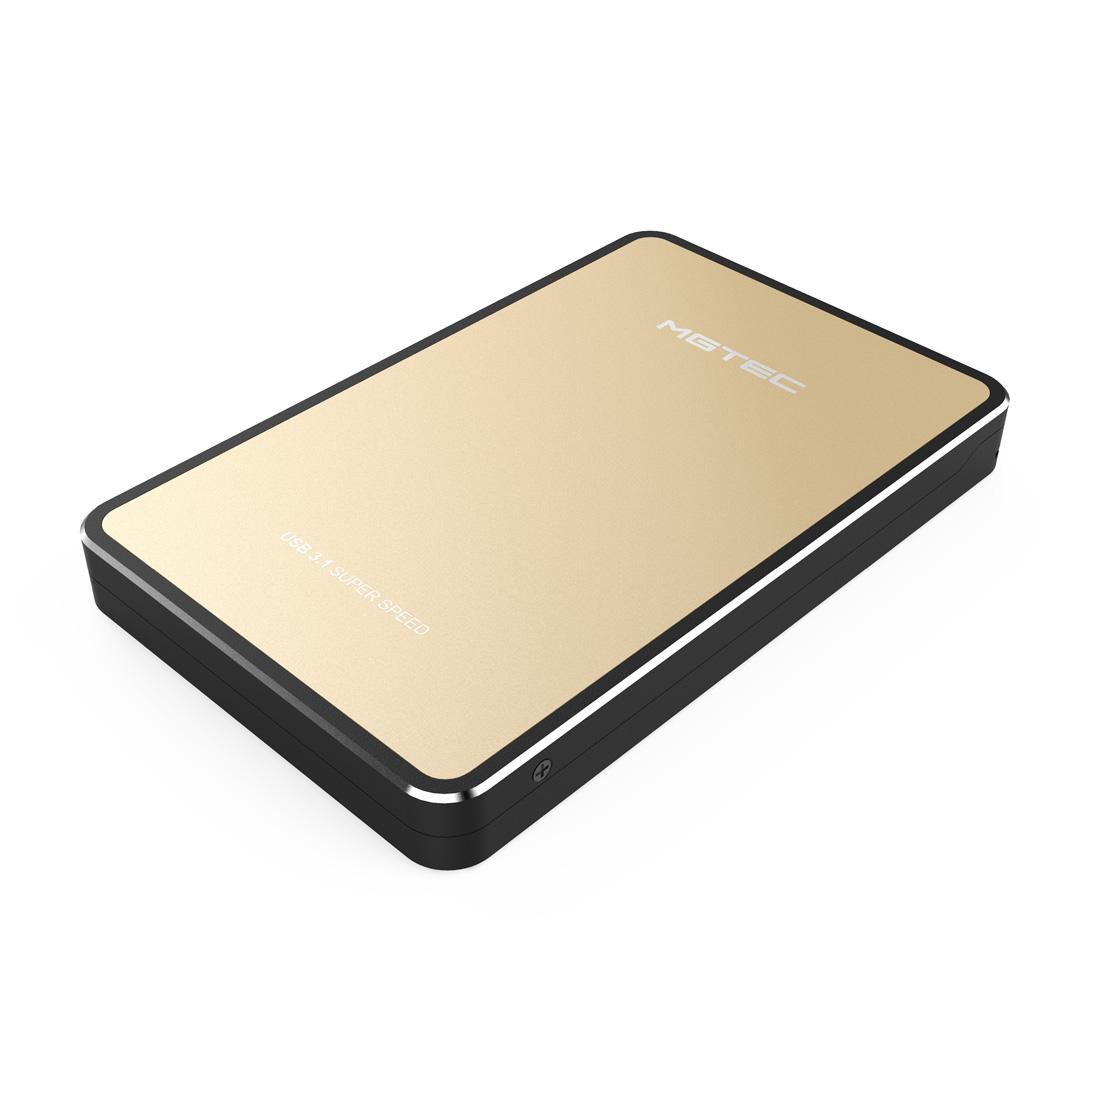 엠지텍 USB3.1 테란3.1B 외장하드, 1TB, 골드